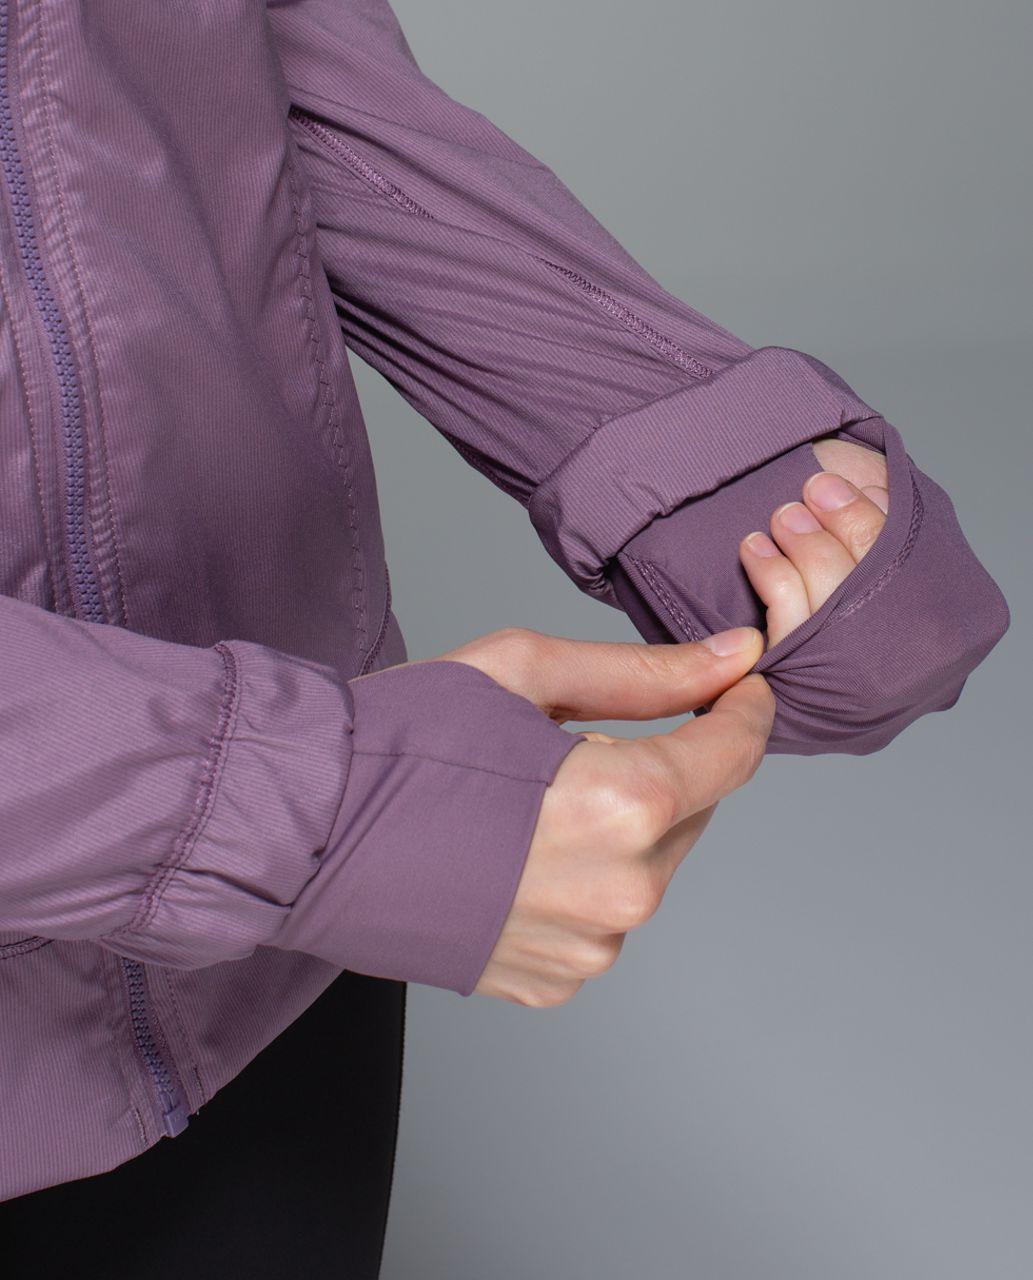 Lululemon Spring Forward Jacket - Purple Fog